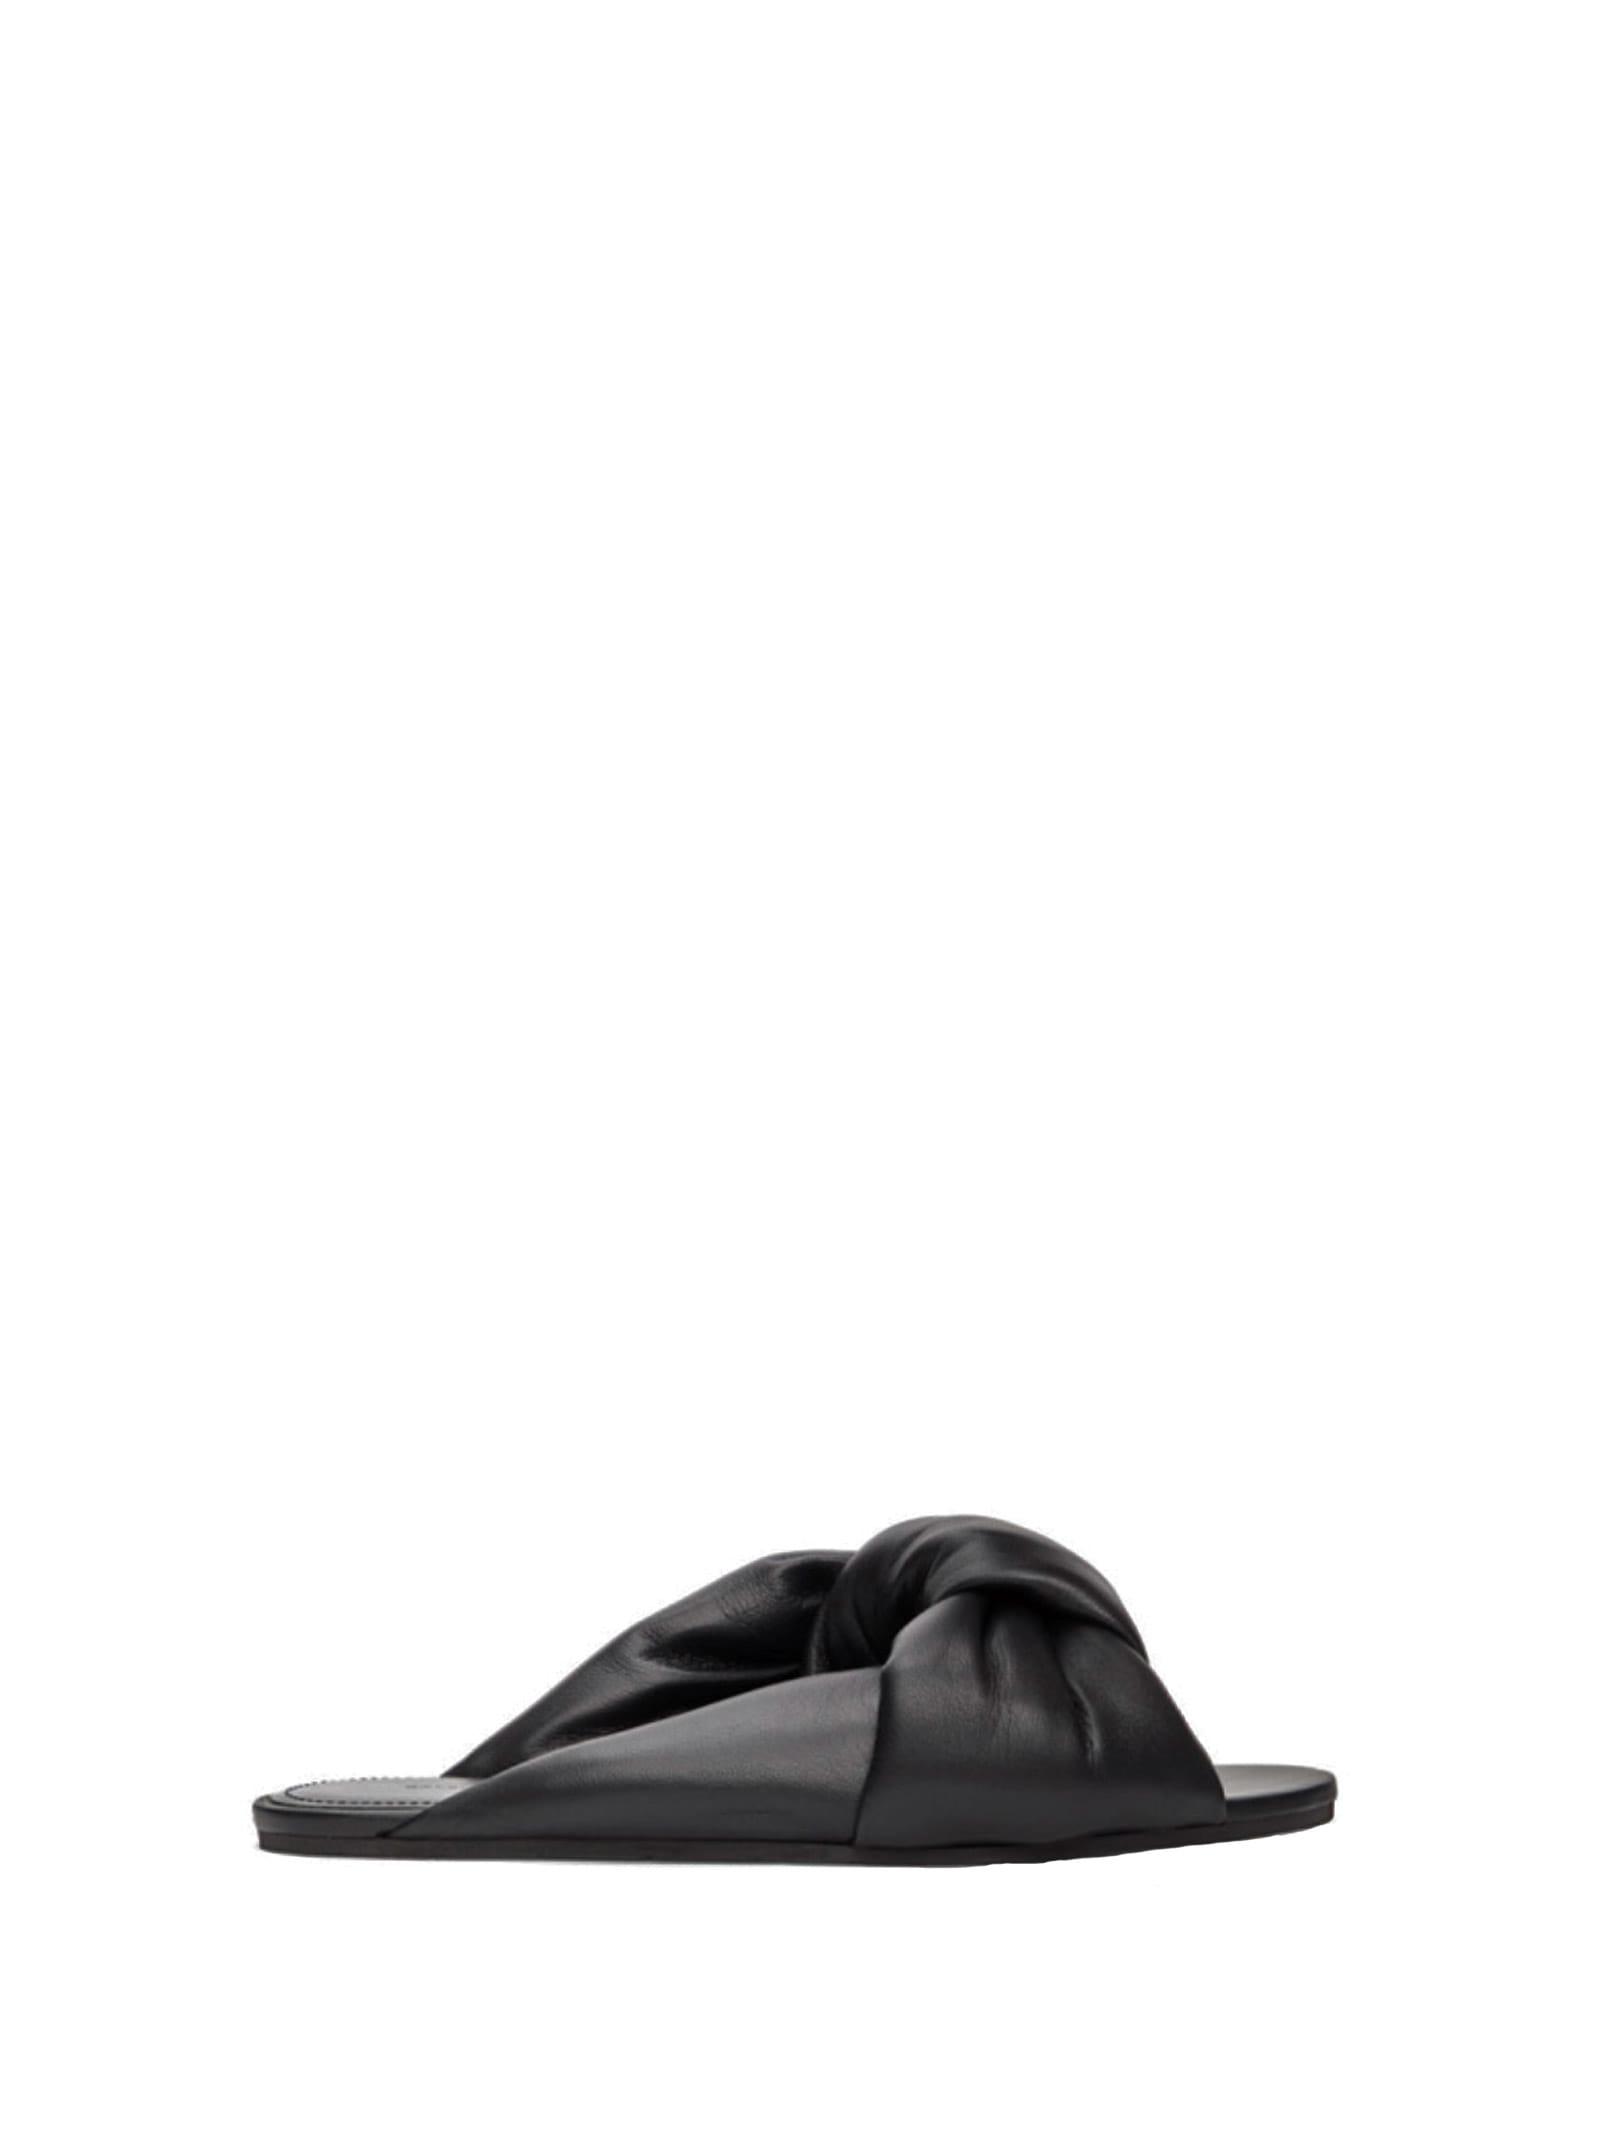 Balenciaga Balenciaga Drapy Flat Sandals